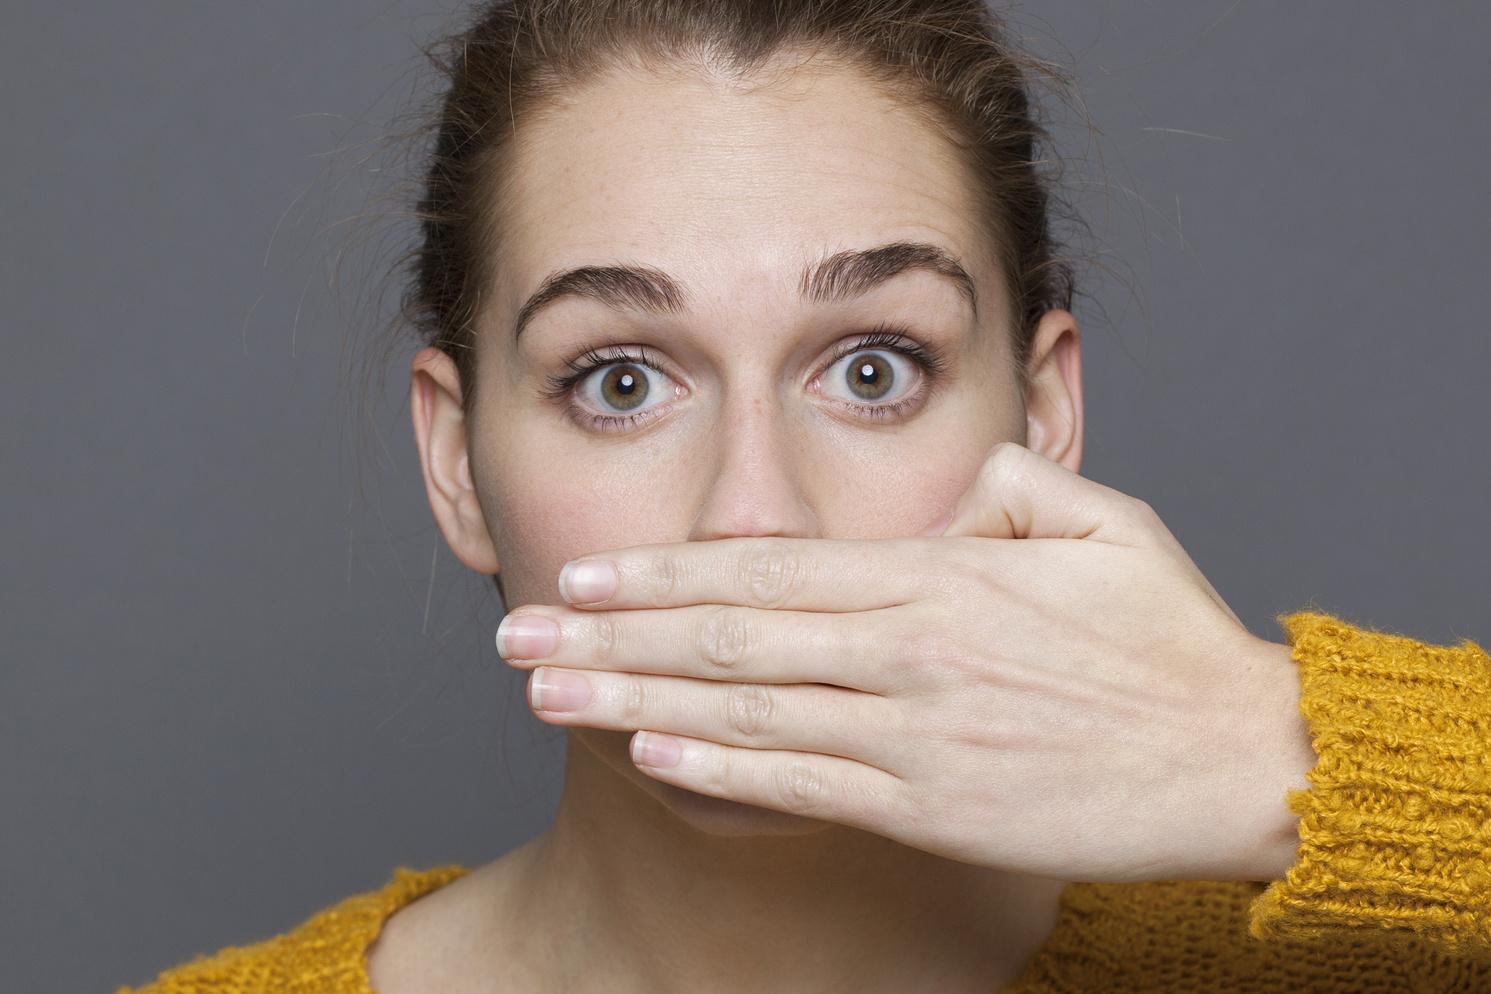 mbw fogyás program 5 kiló fogyás meglátszik